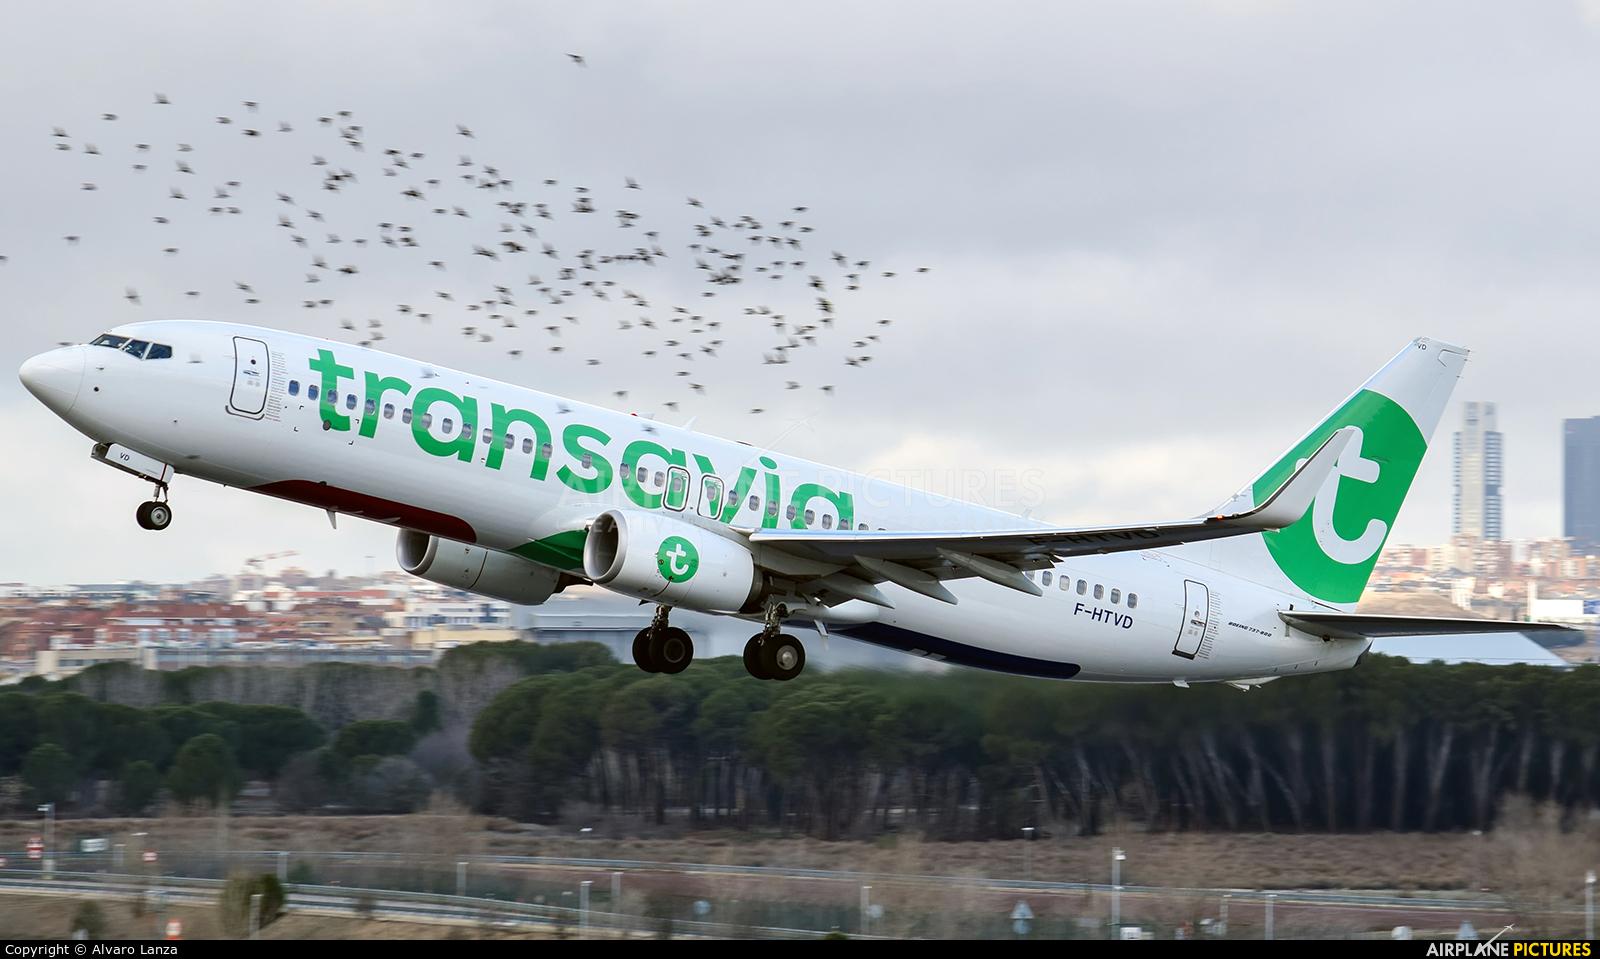 Transavia France F-HTVD aircraft at Madrid - Barajas